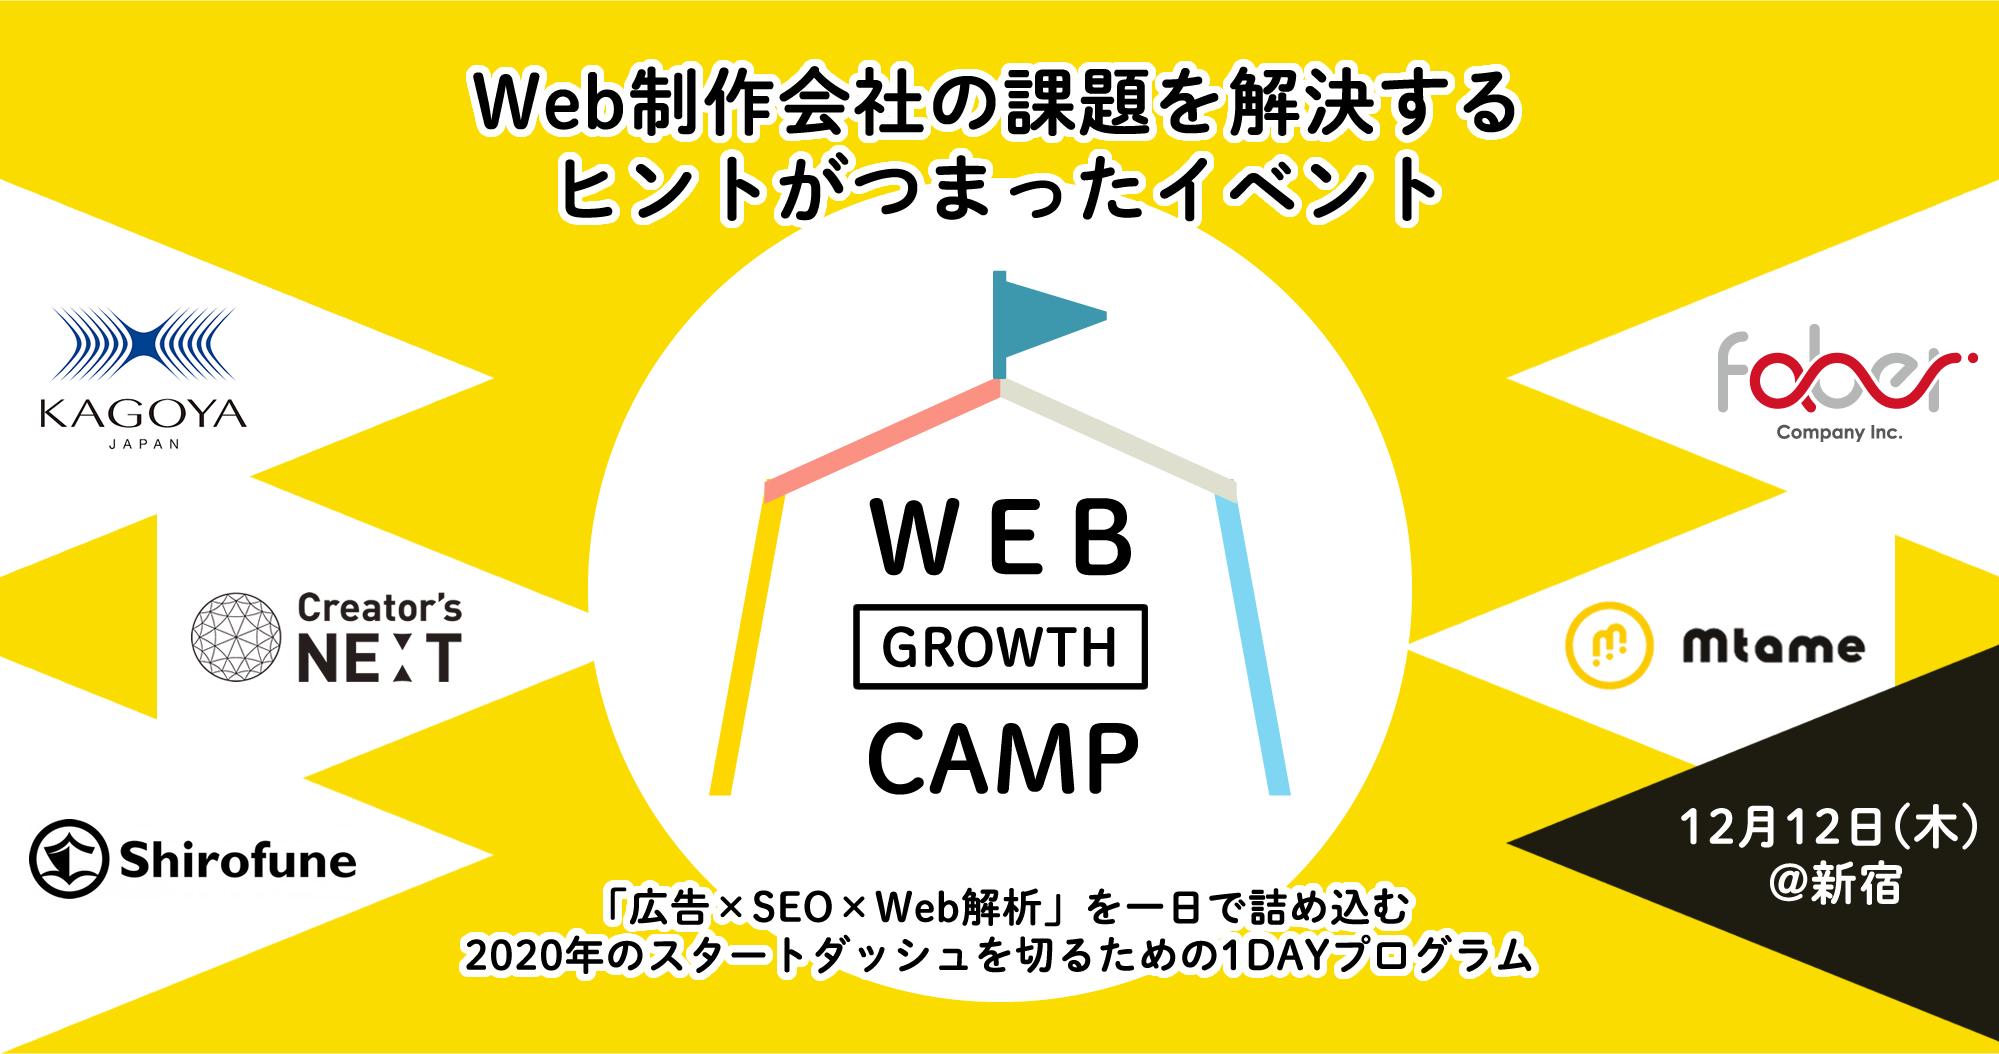 【9月5日(木)】BtoB製造メーカーの海外進出を加速させるデジタルマーケティング手法とは